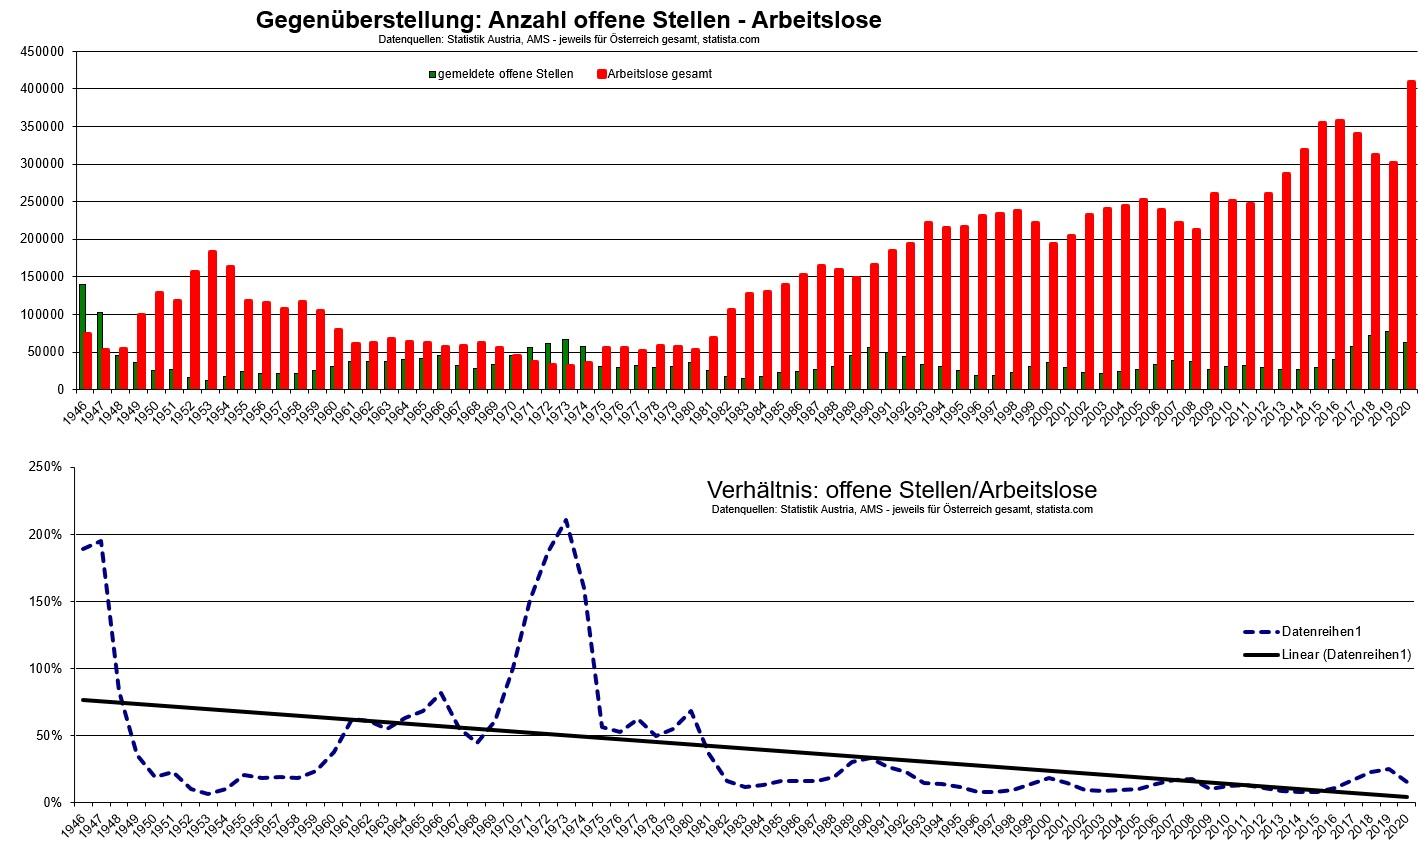 2021-02-28_gegenueberstellung_offene-stellen_arbeitslose_oesterreich-ab-1946